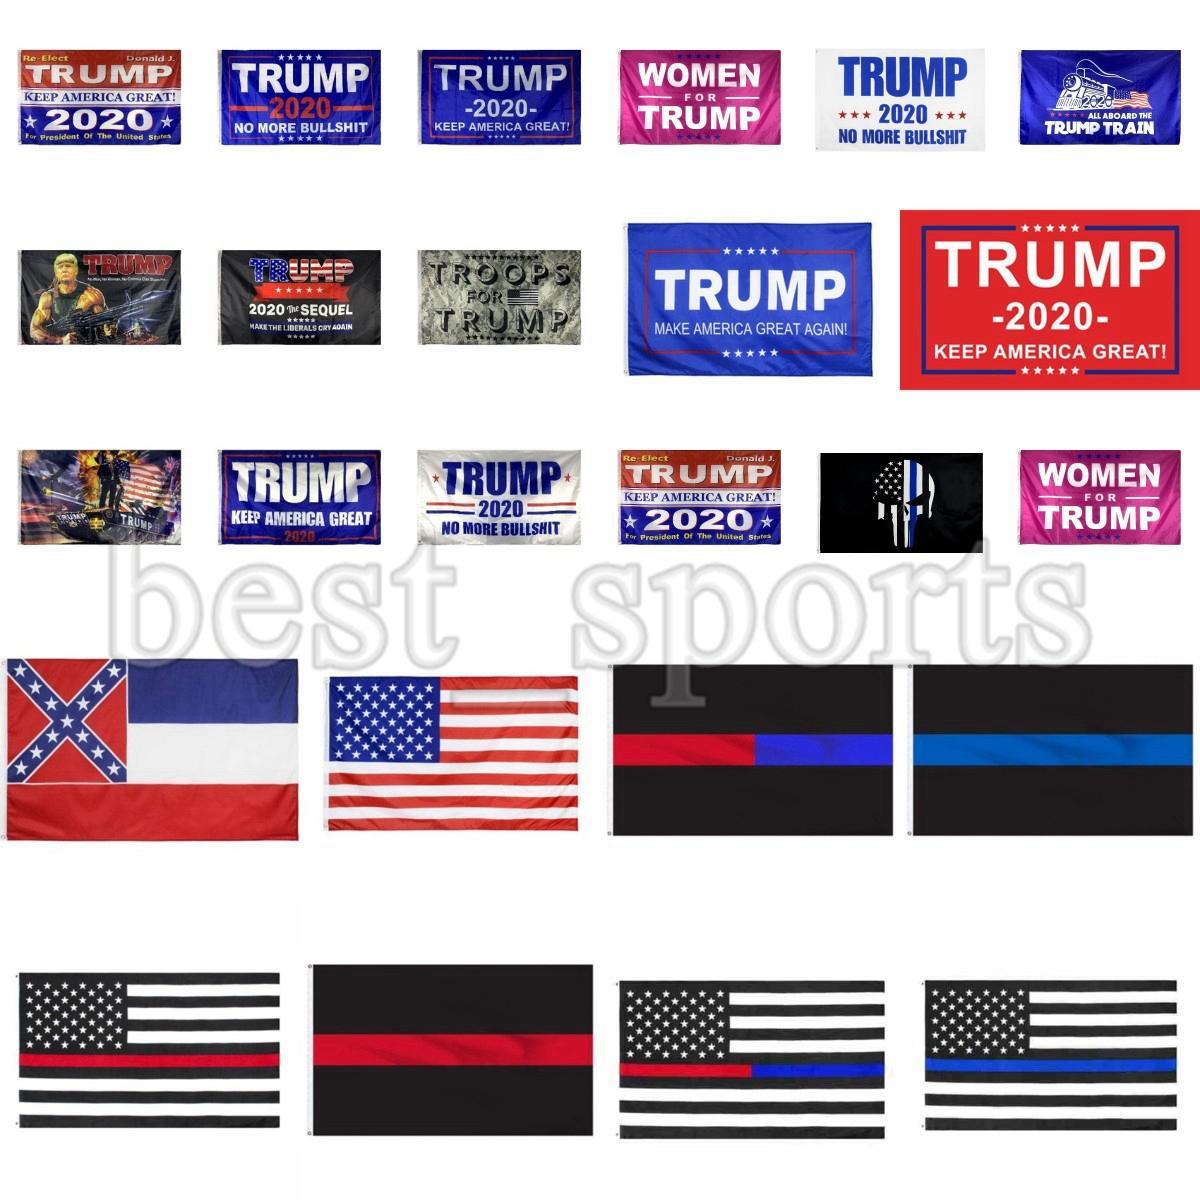 Trump Bandiere 90 * 150cm Trump 2020 Flags mantenere l'America grande degli Stati Uniti Mississippi State presidente Trump elezione Bandiere CYZ2707 300Pcs trasporto marittimo